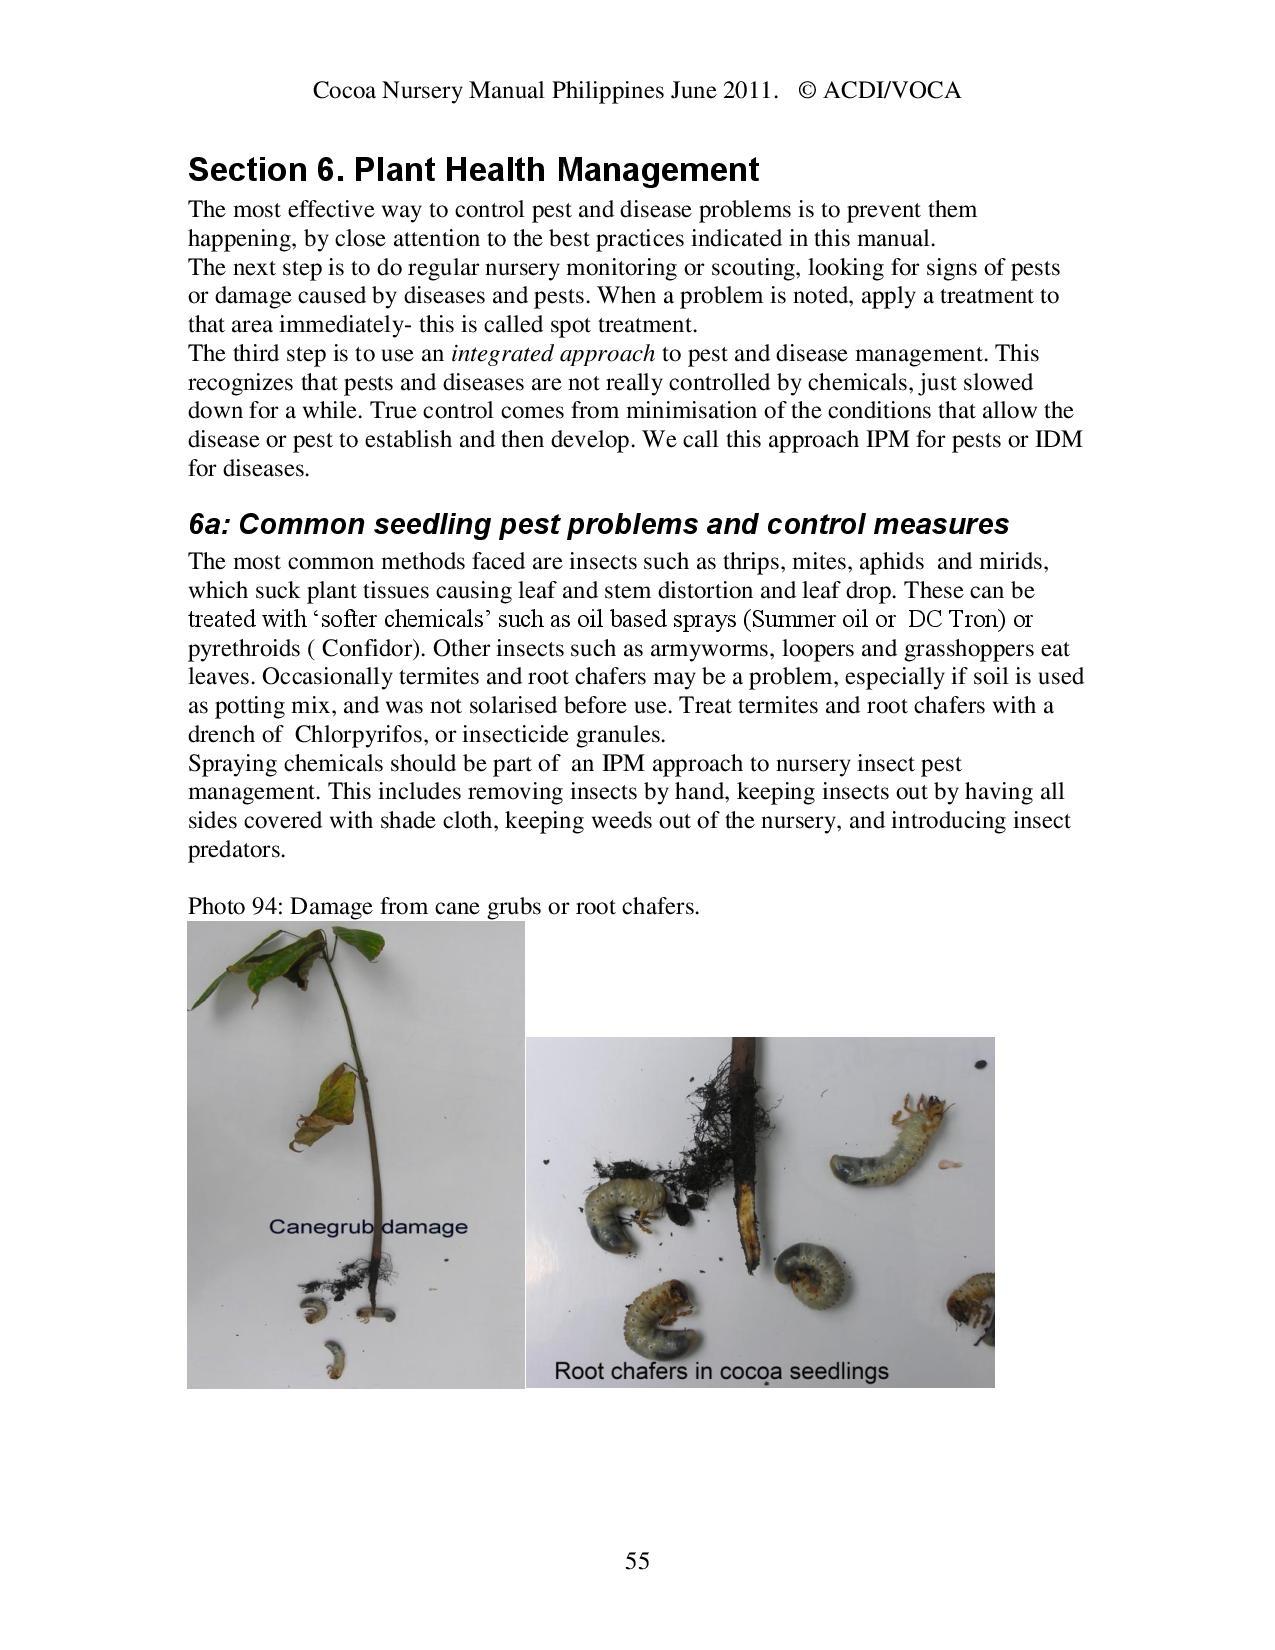 Cocoa-Nursery-Manual-2011_acdi-voca-page-055